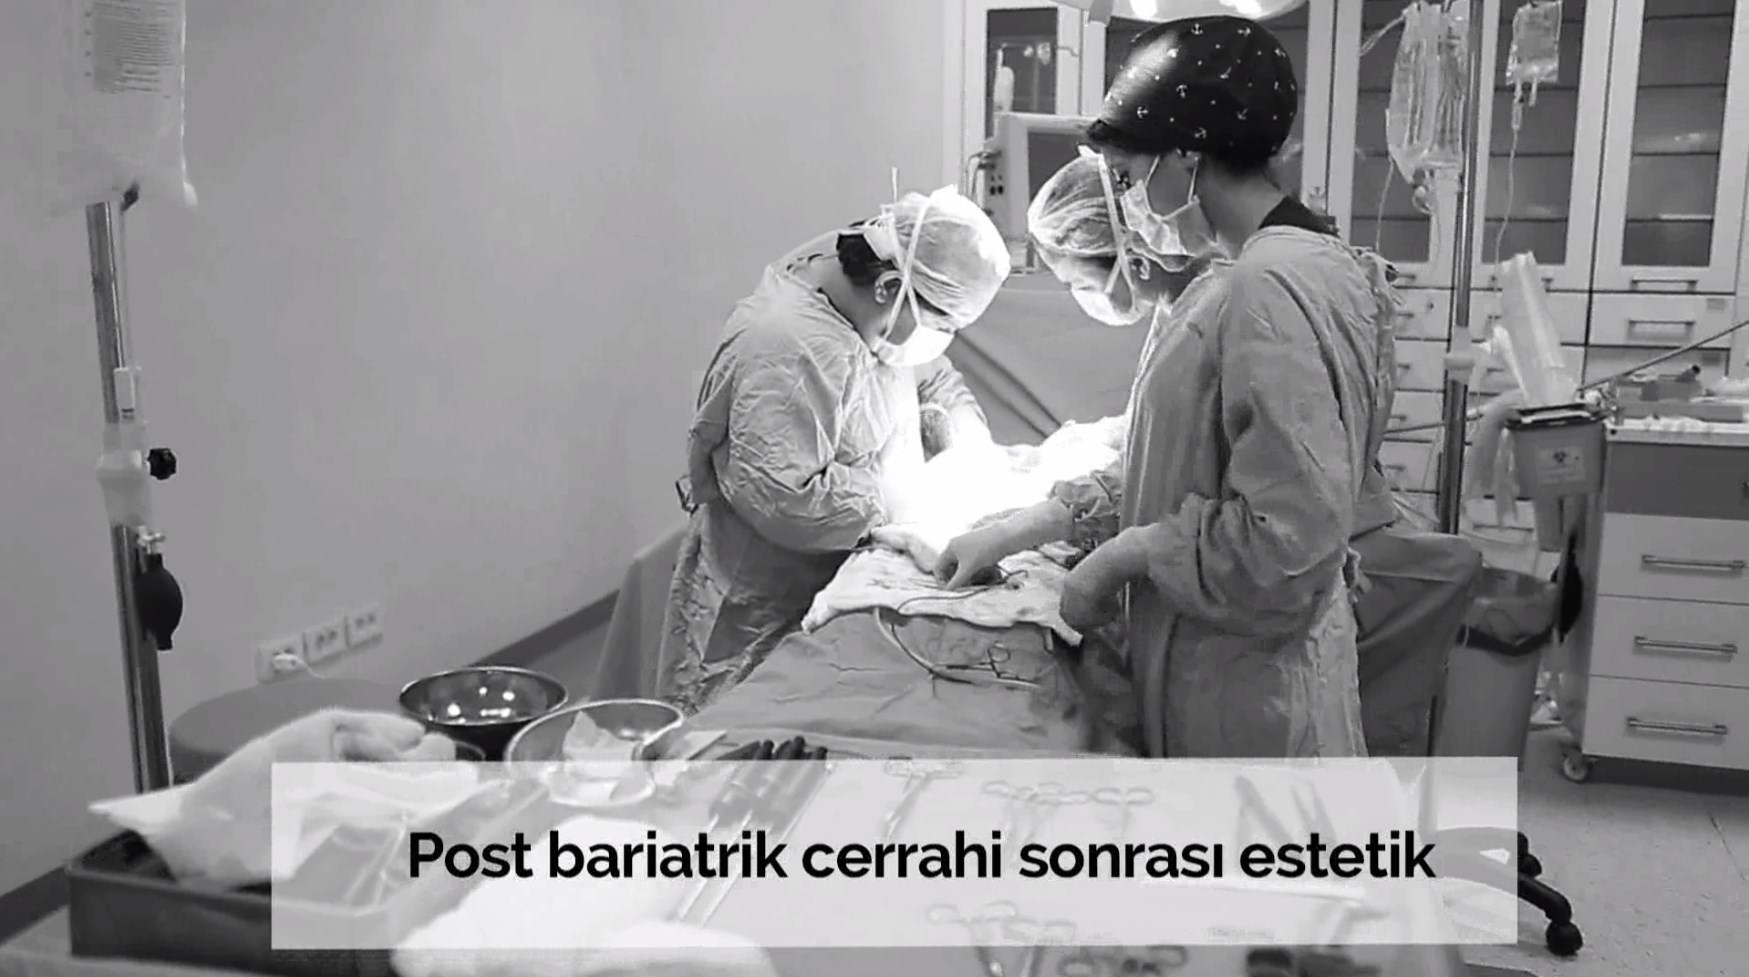 Post bariatrik cerrahi sonrası estetik uygulamaları nelerdir?